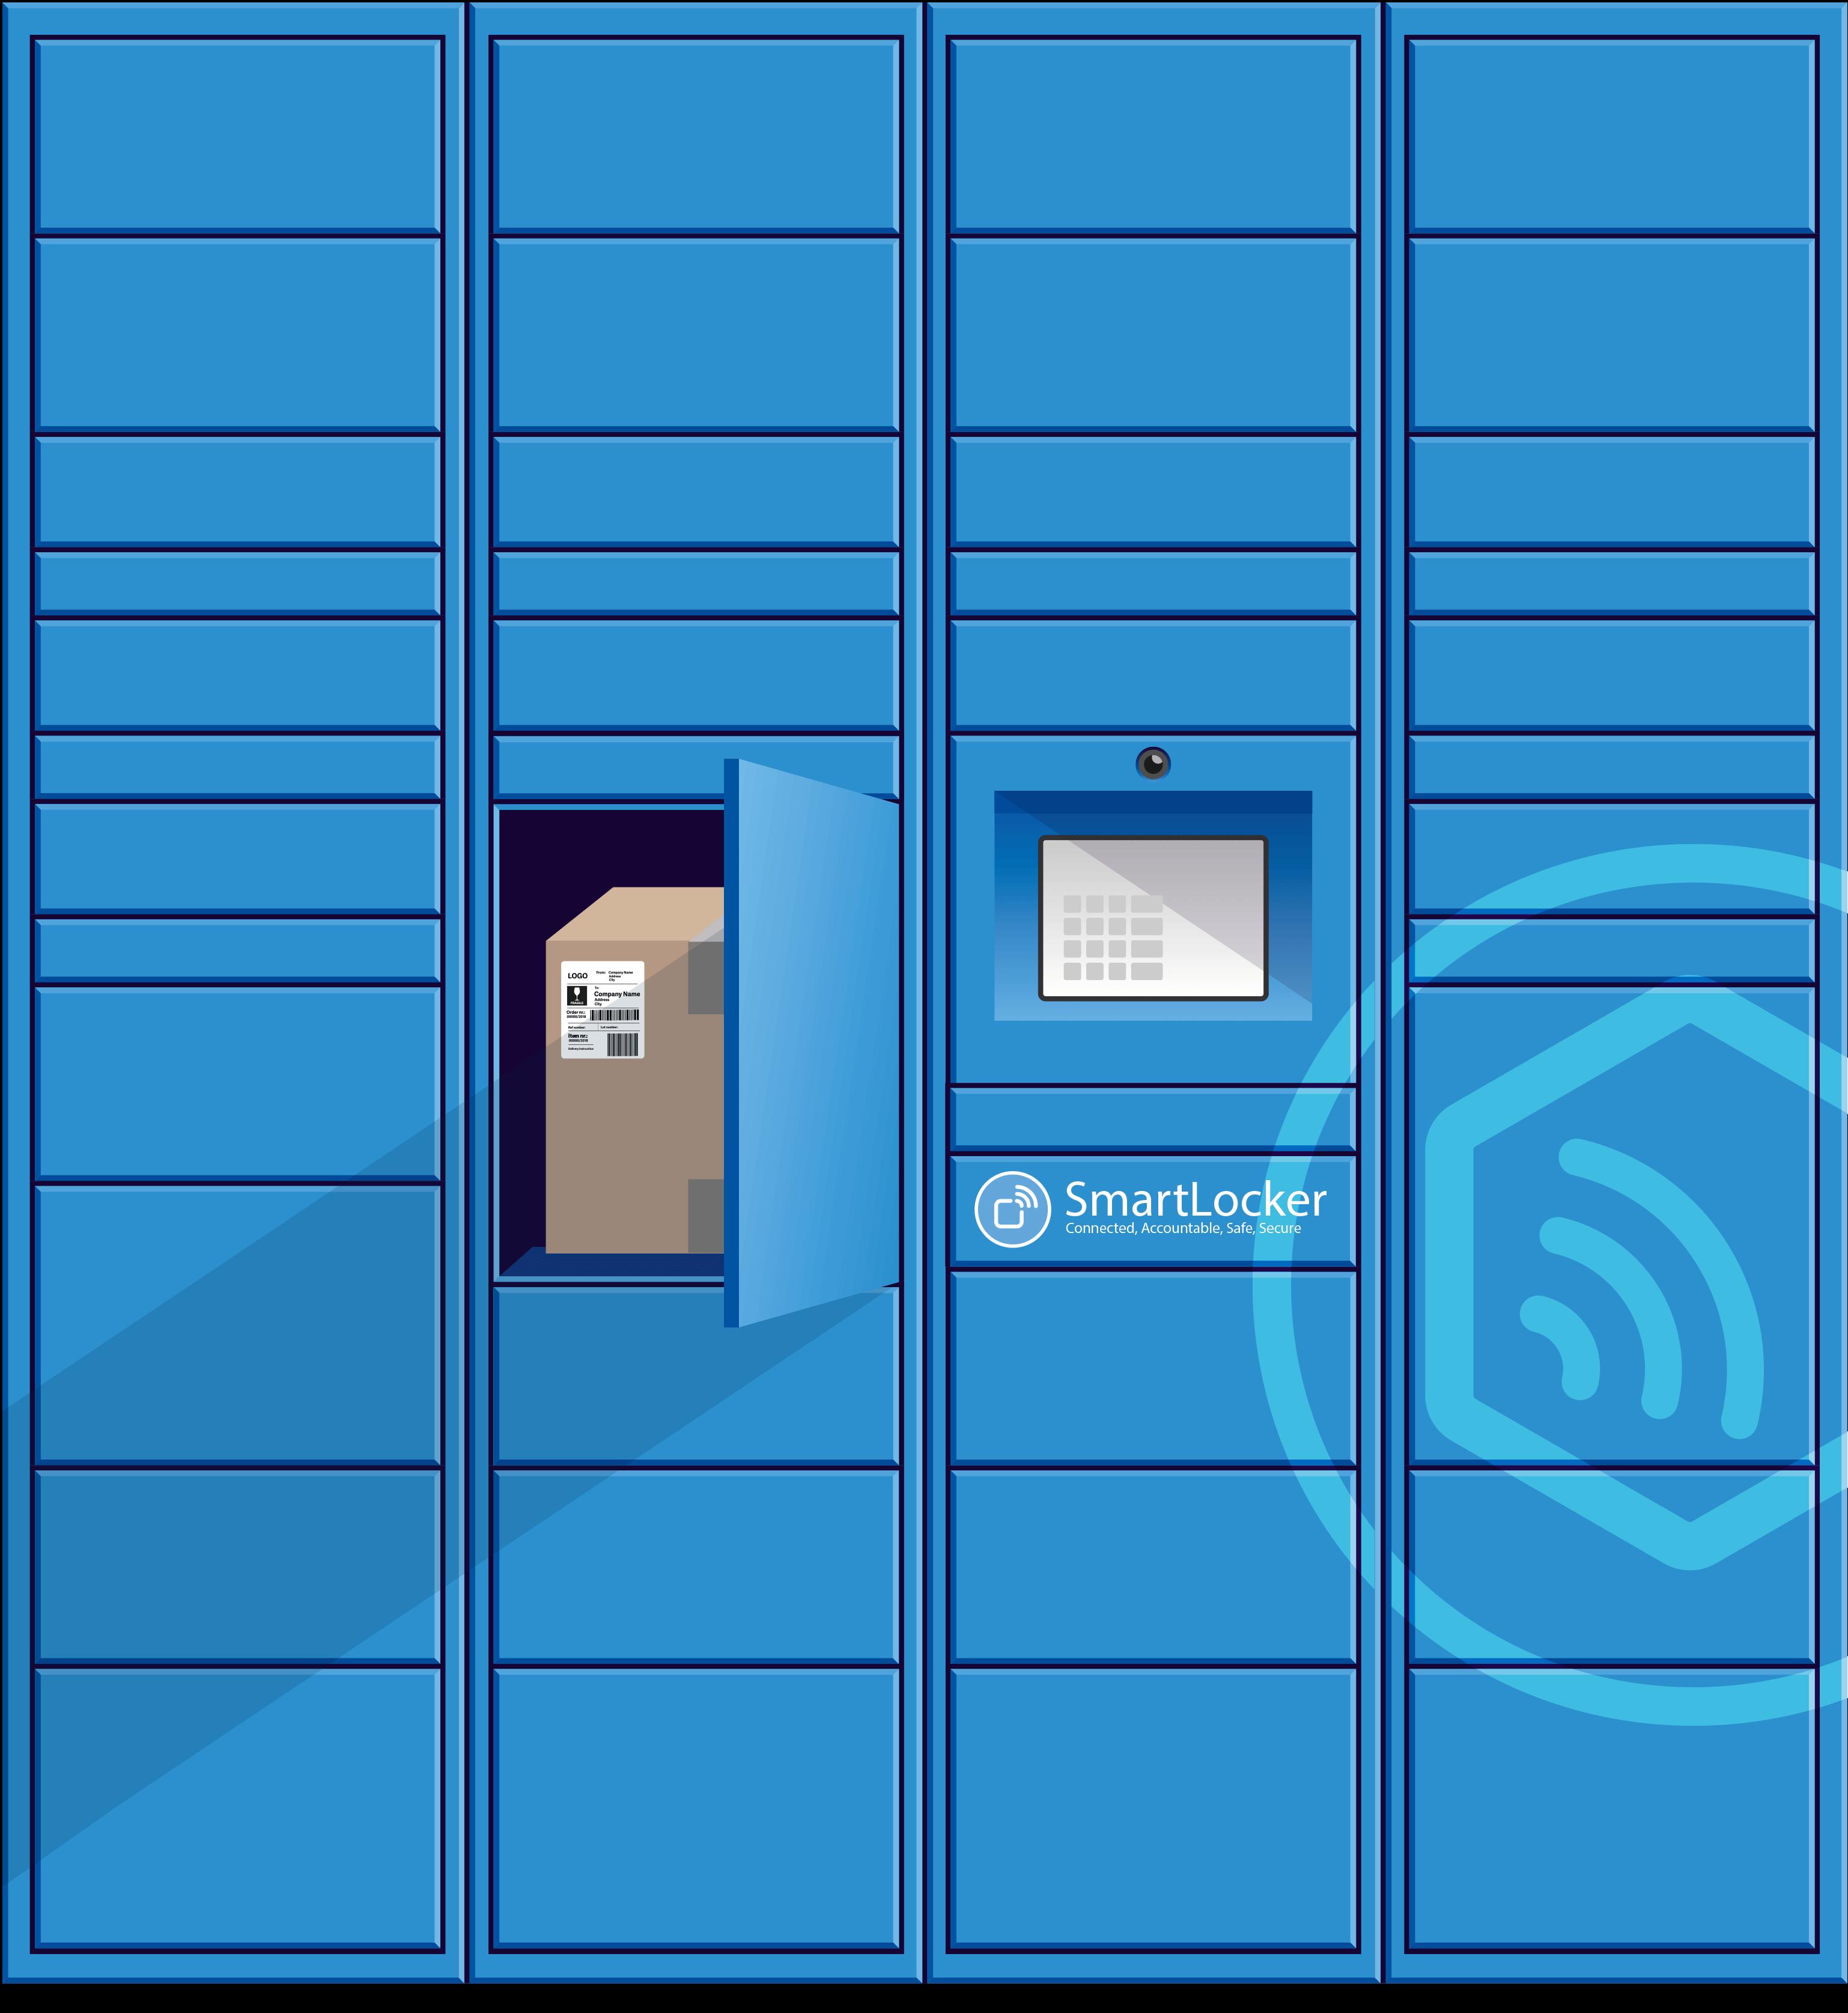 Smart_locker_CAD_drawing